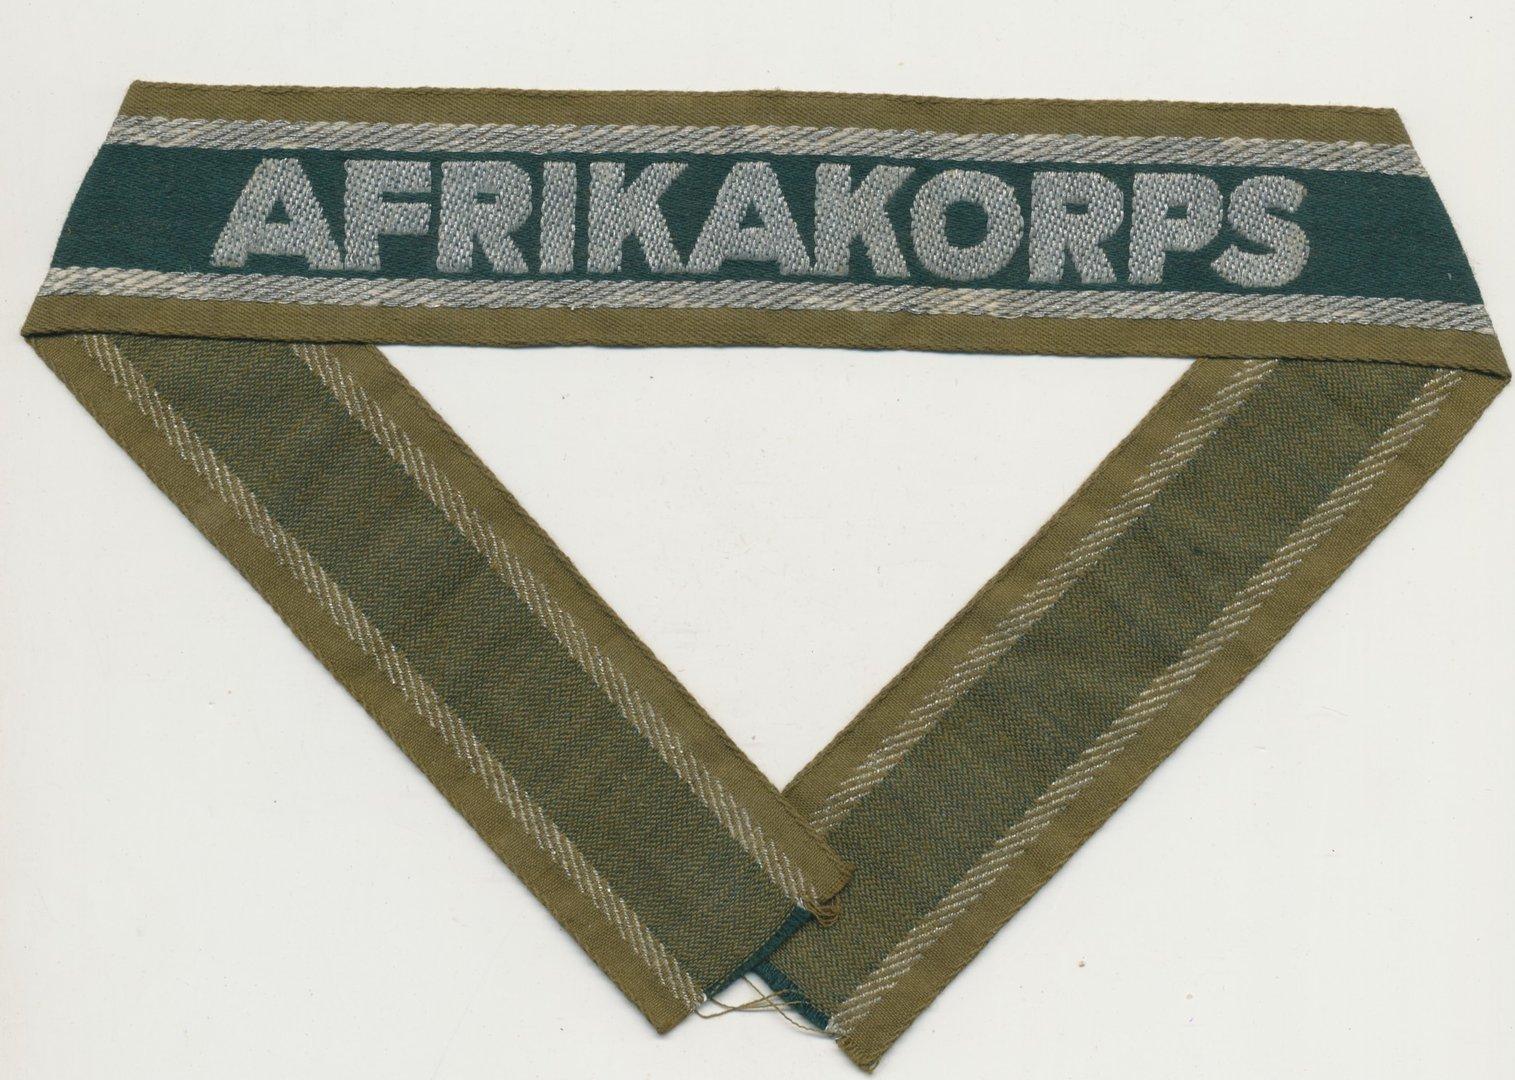 Ärmelband Afrikakorps Wehrmacht Heer WK2 - Josef Pfanzelter Militaria